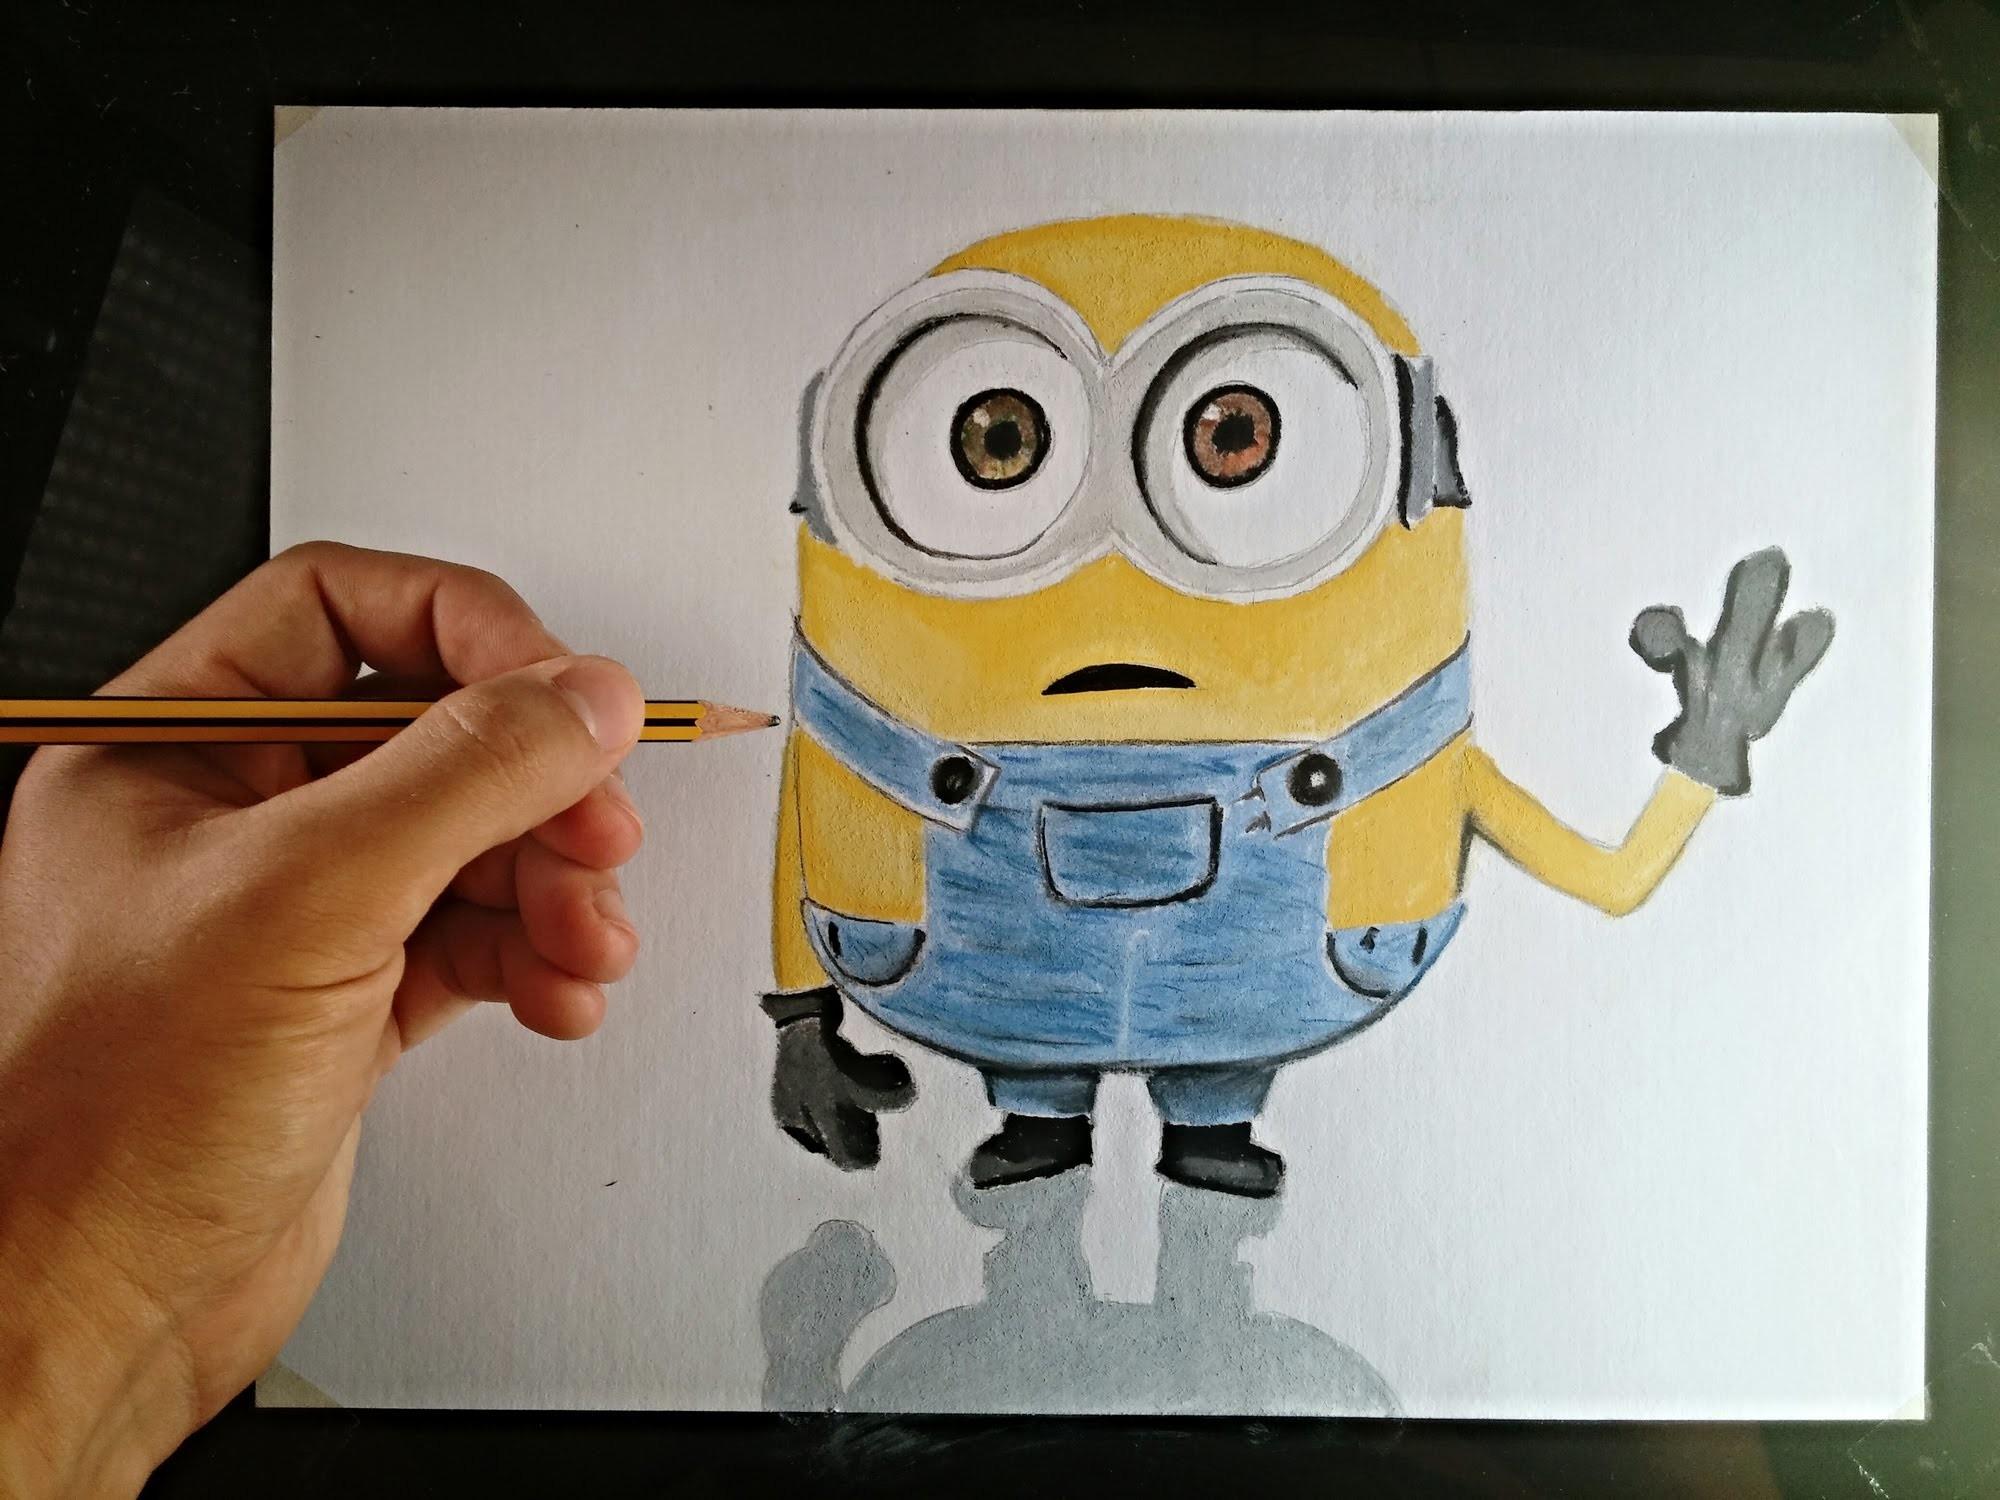 Cómo dibujar un Minion con lápices de colores | How to draw a Minion